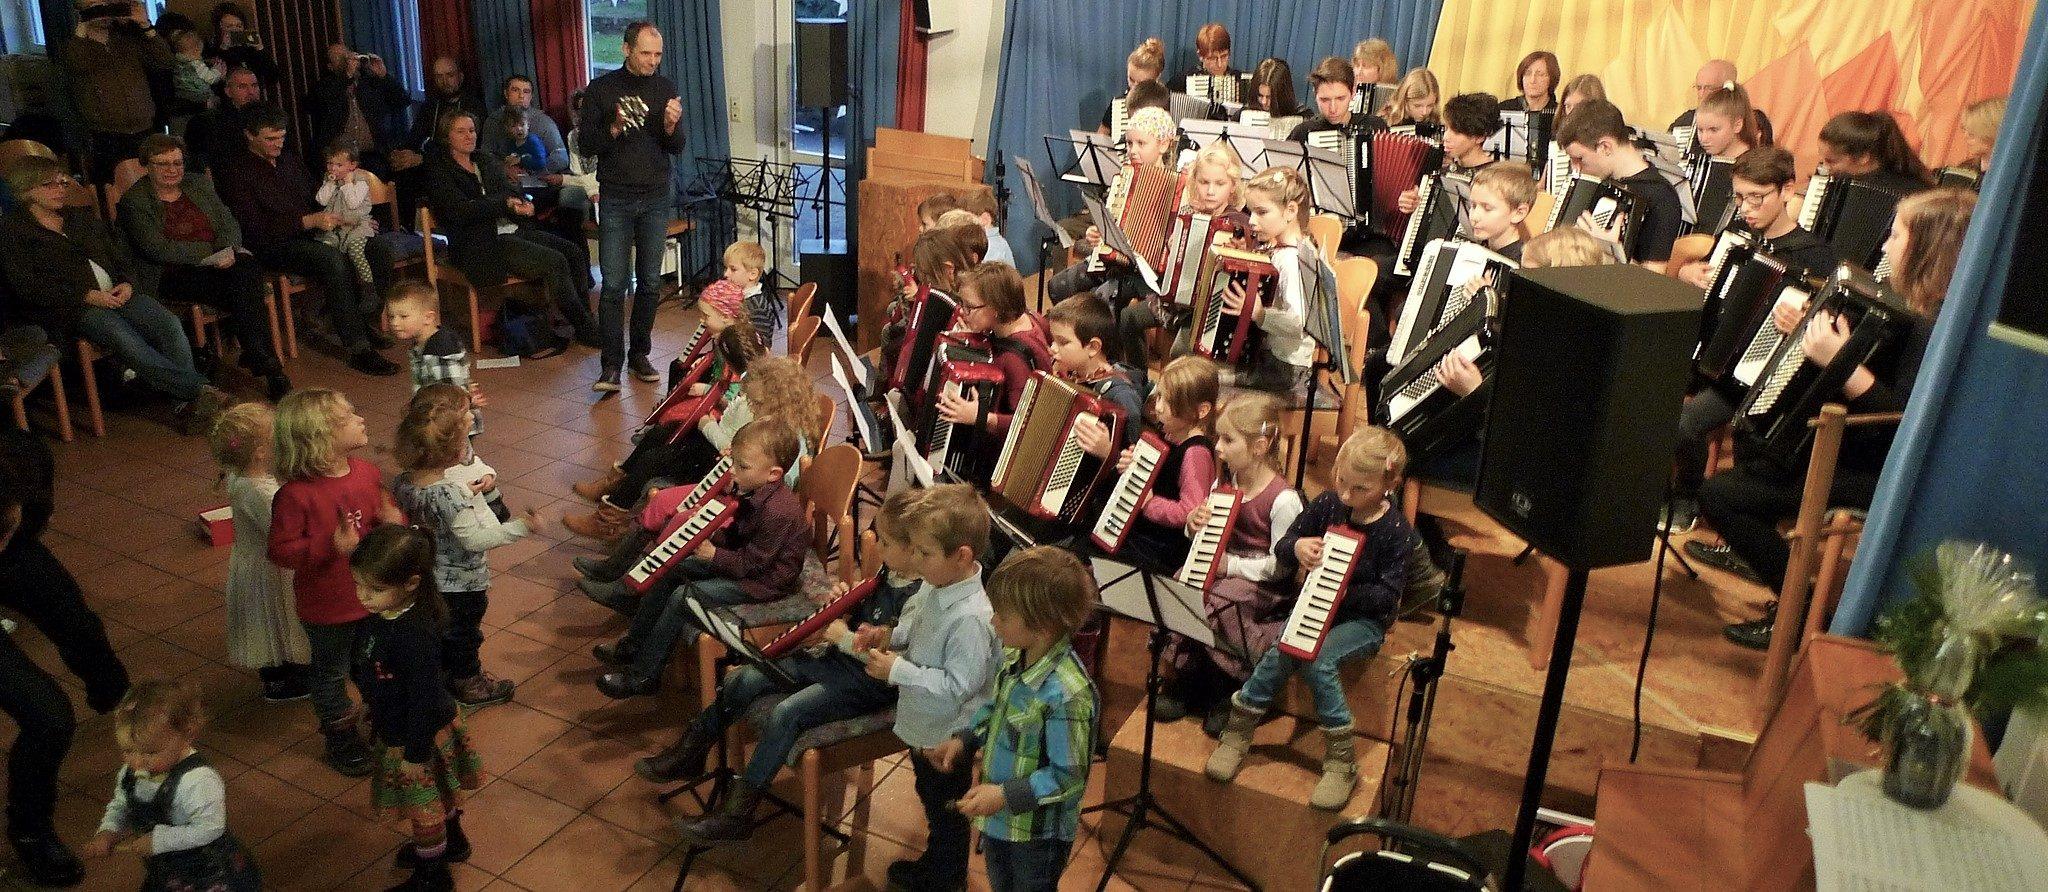 Großes Finale: Jingle Bells mit Akkordeon, Melodika und MUSIKGARTEN-Rasseln